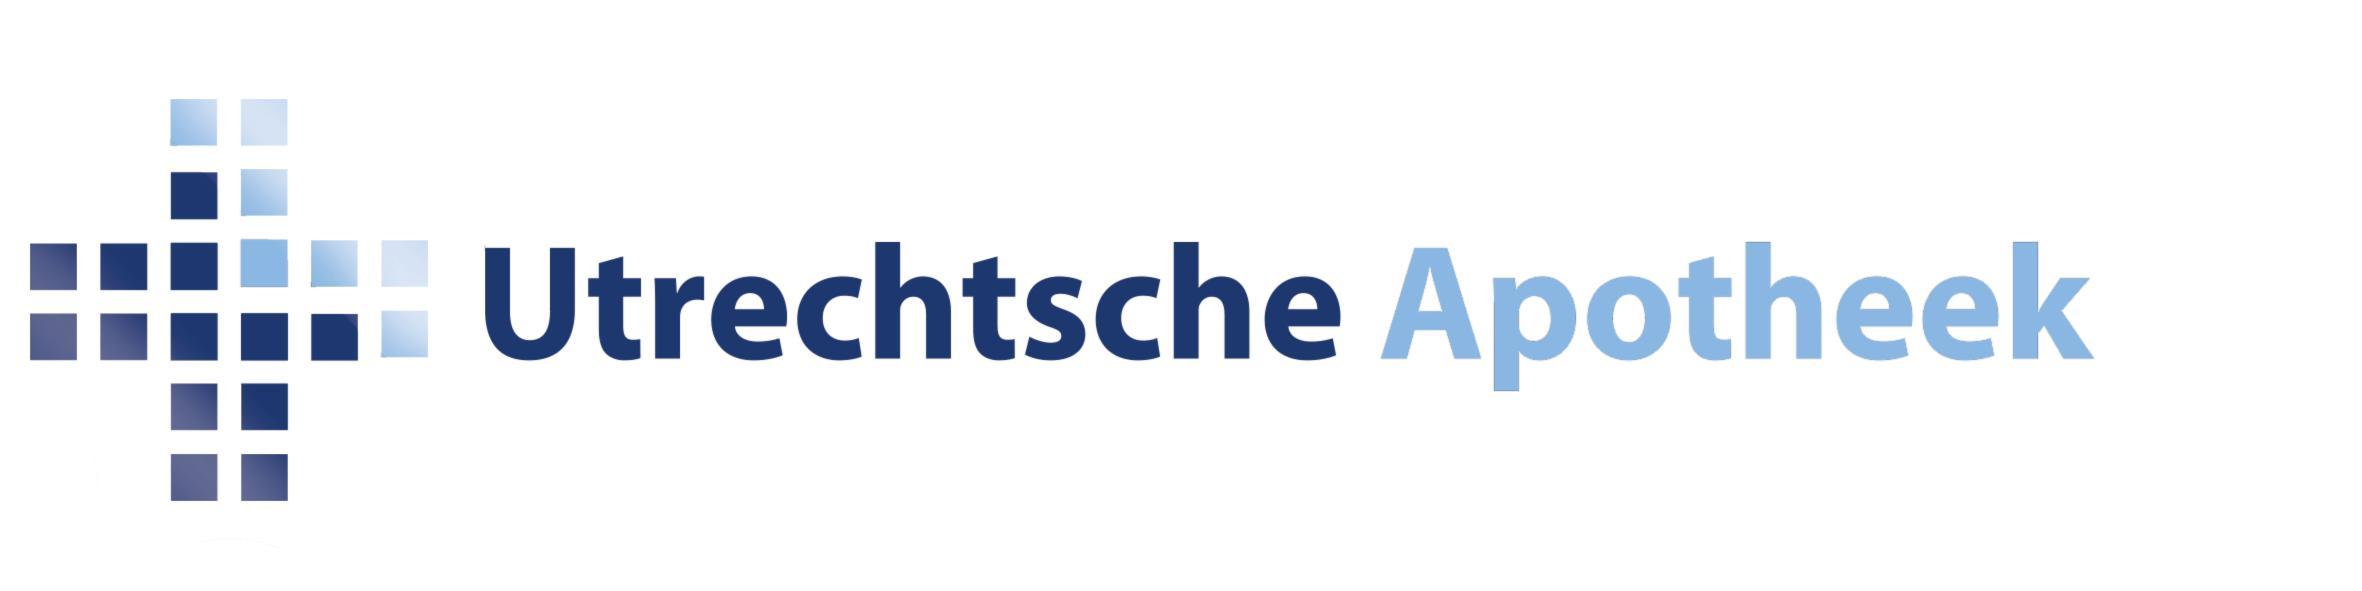 De Utrechtsche Apotheek